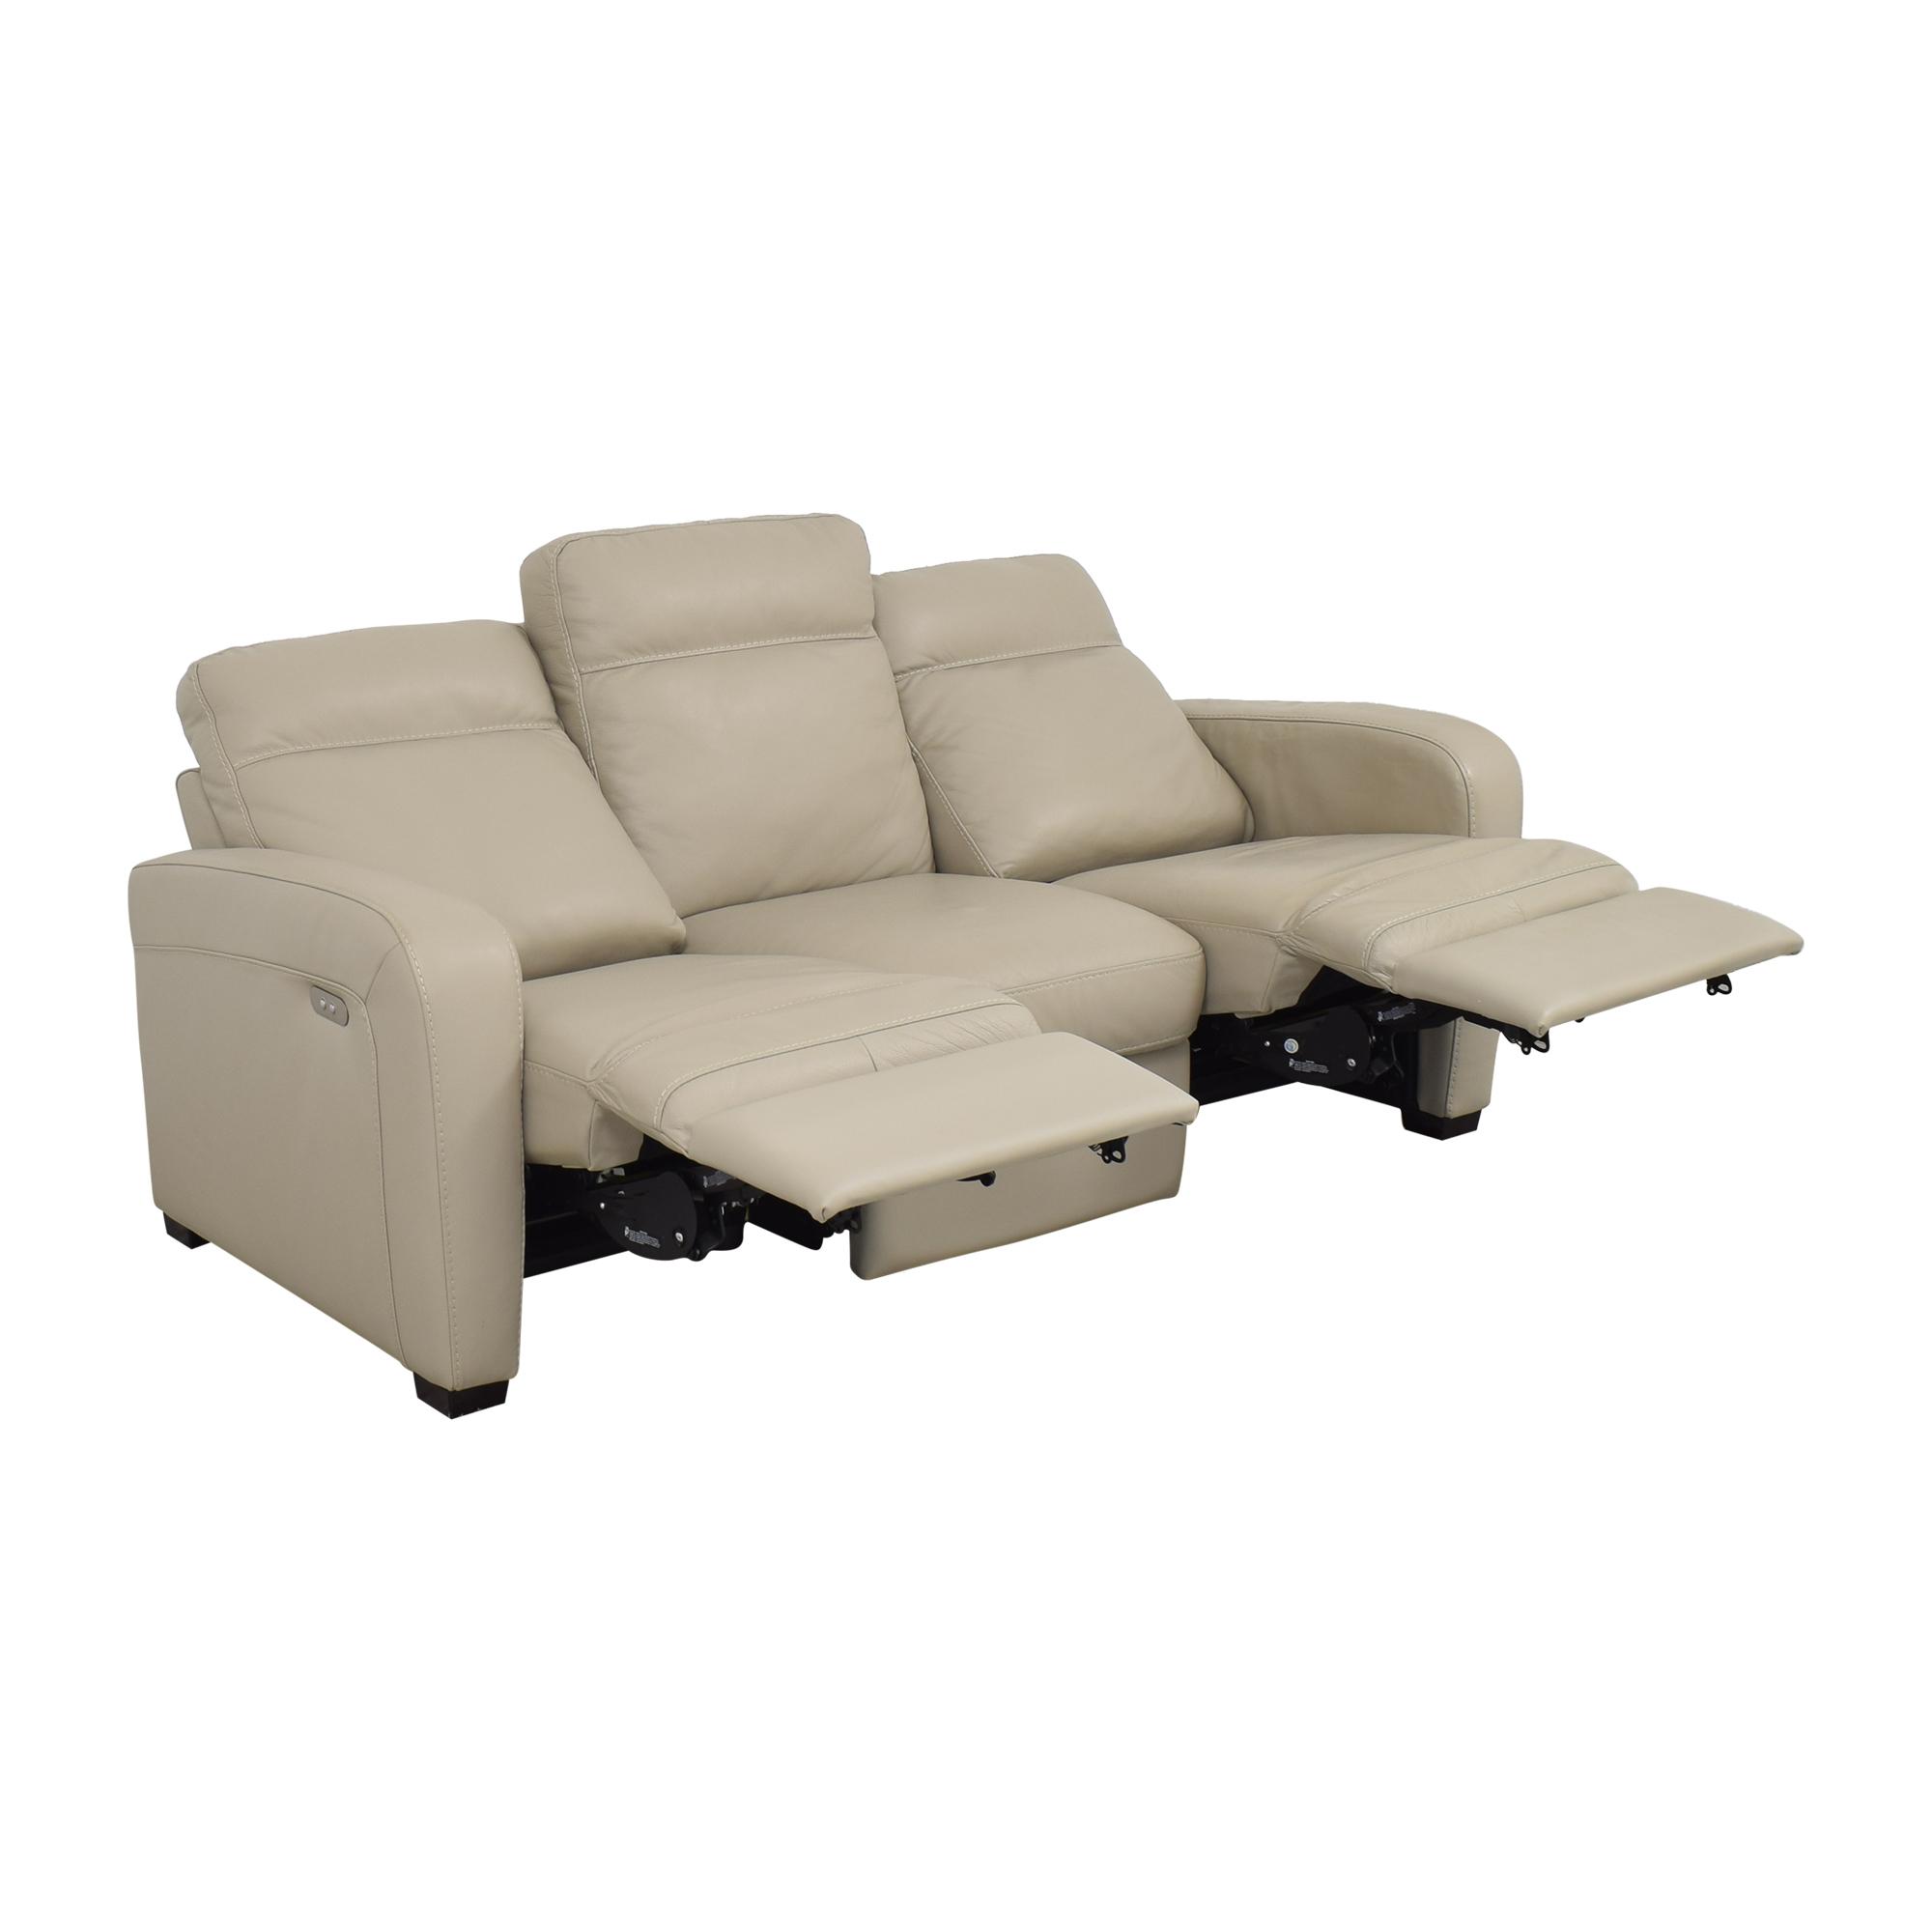 Natuzzi Natuzzi Editions Power Reclining Sofa for sale